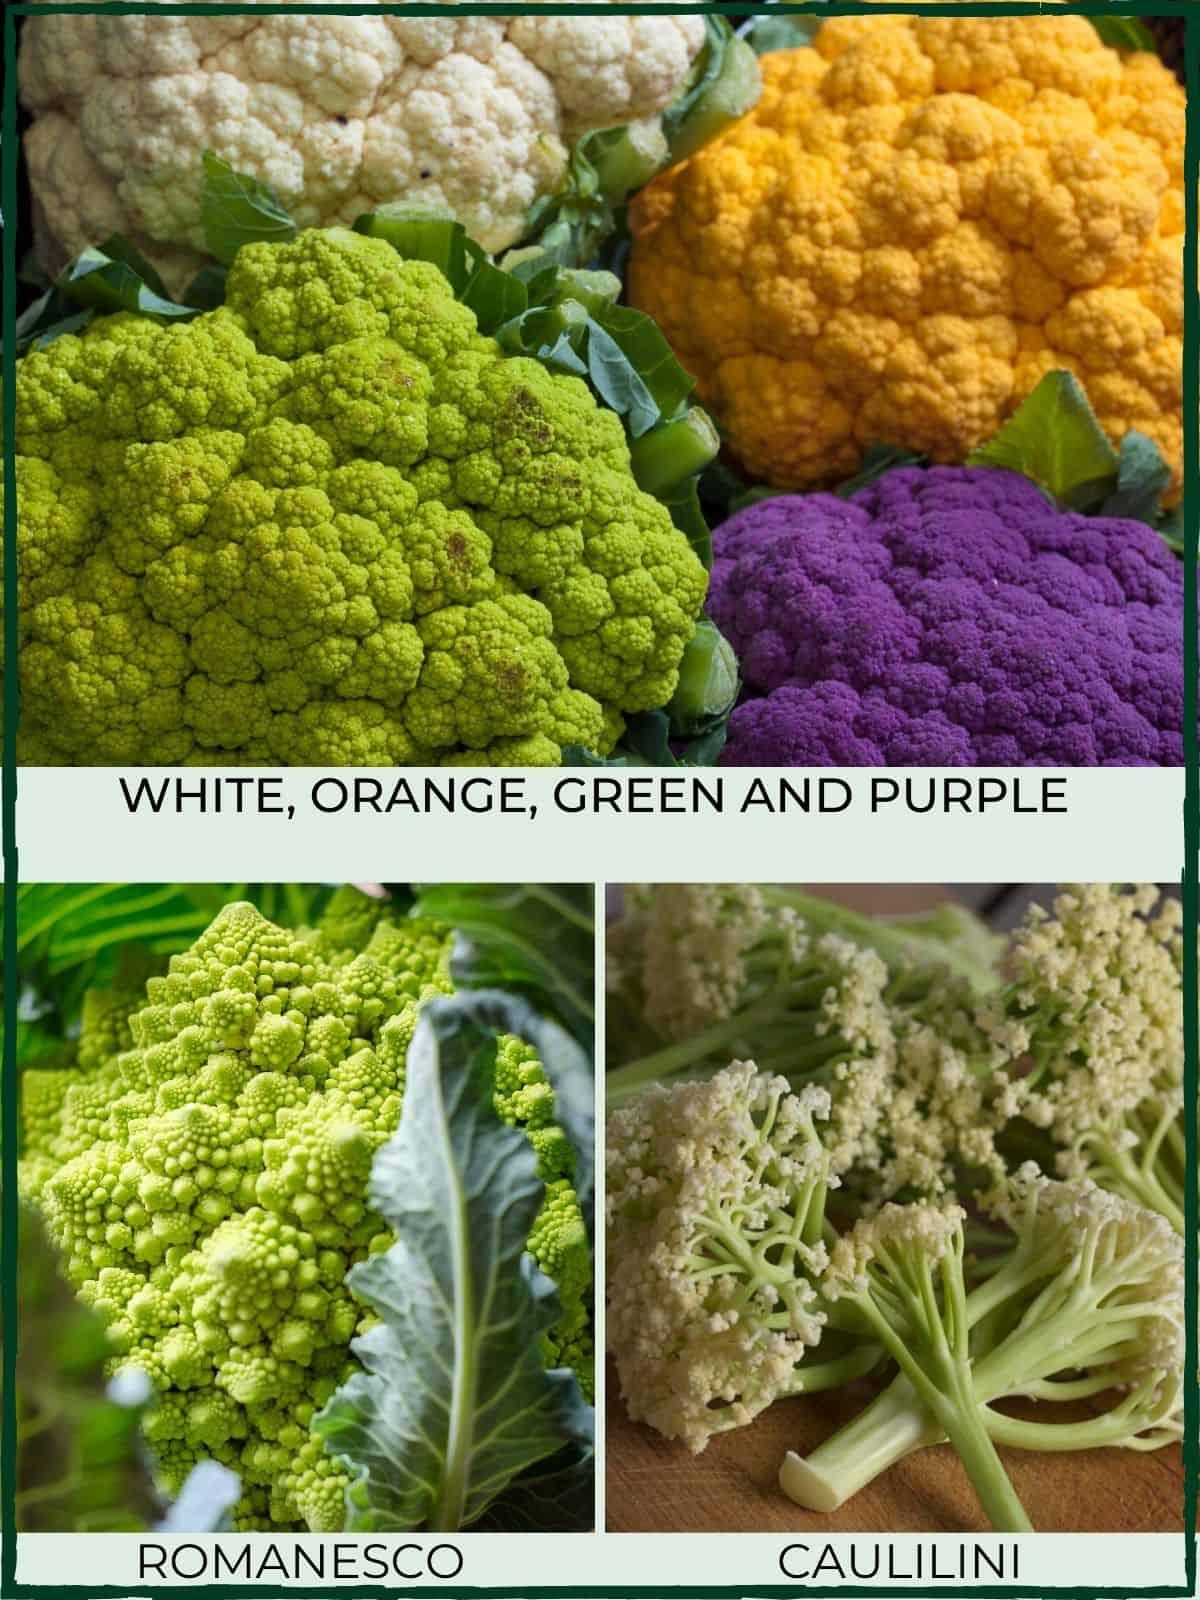 cauliflower varieties - white, orange, purple, green, romanesco & caulilini